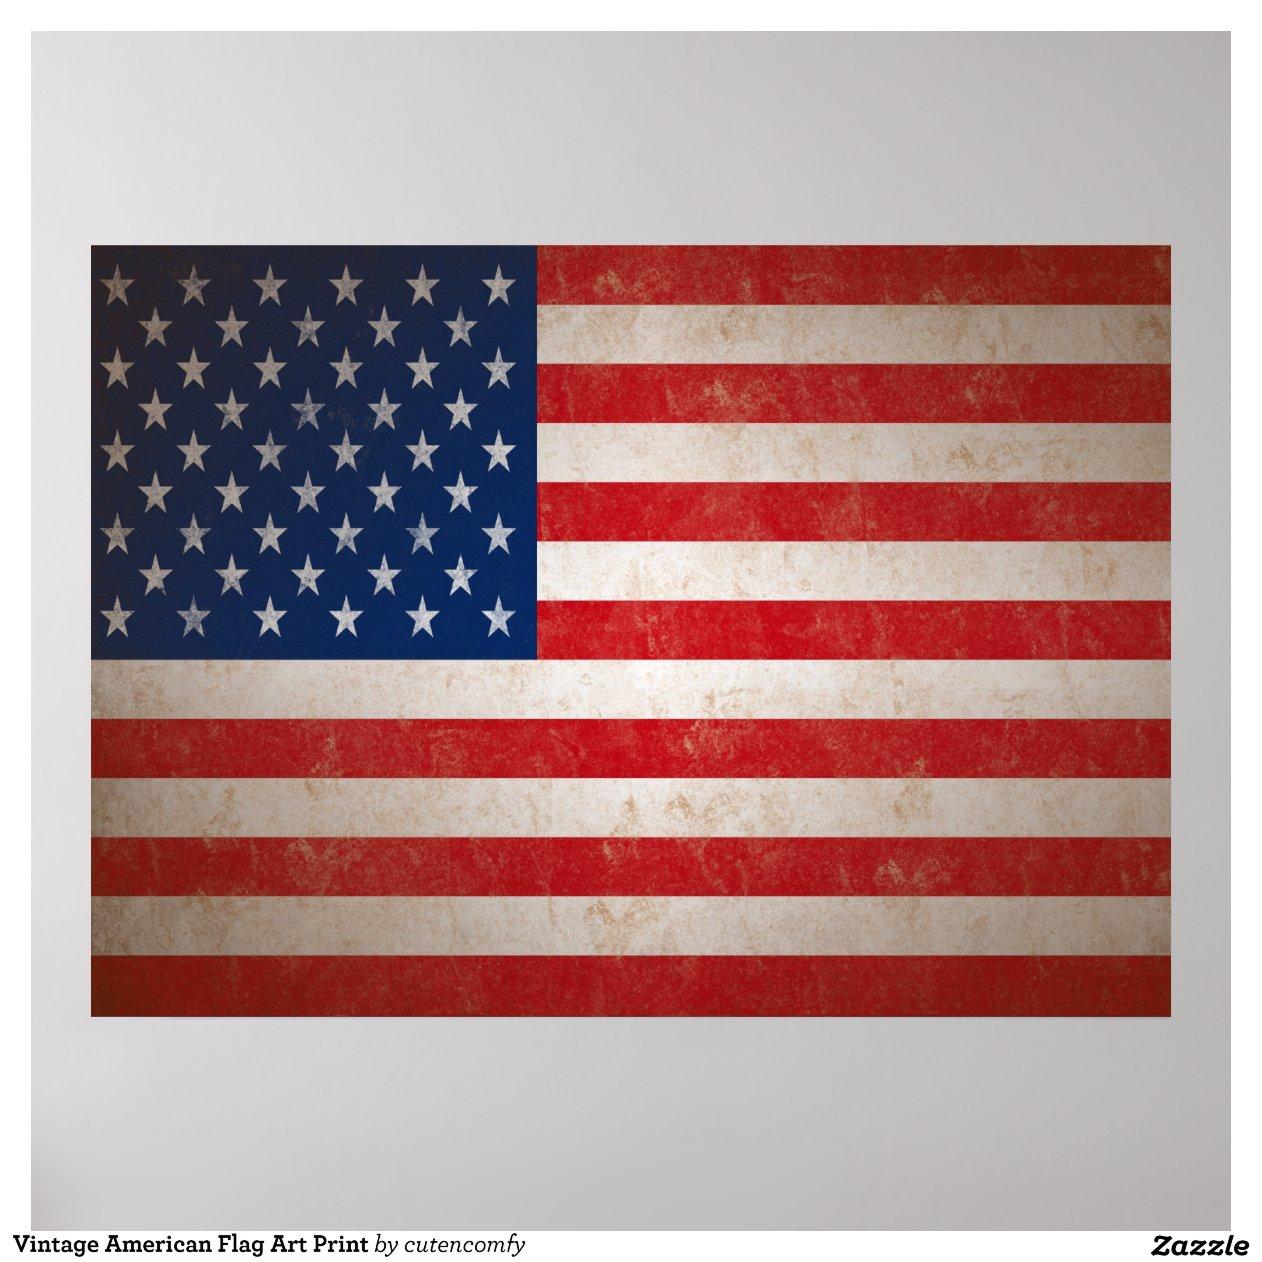 American Flag Vintage Print